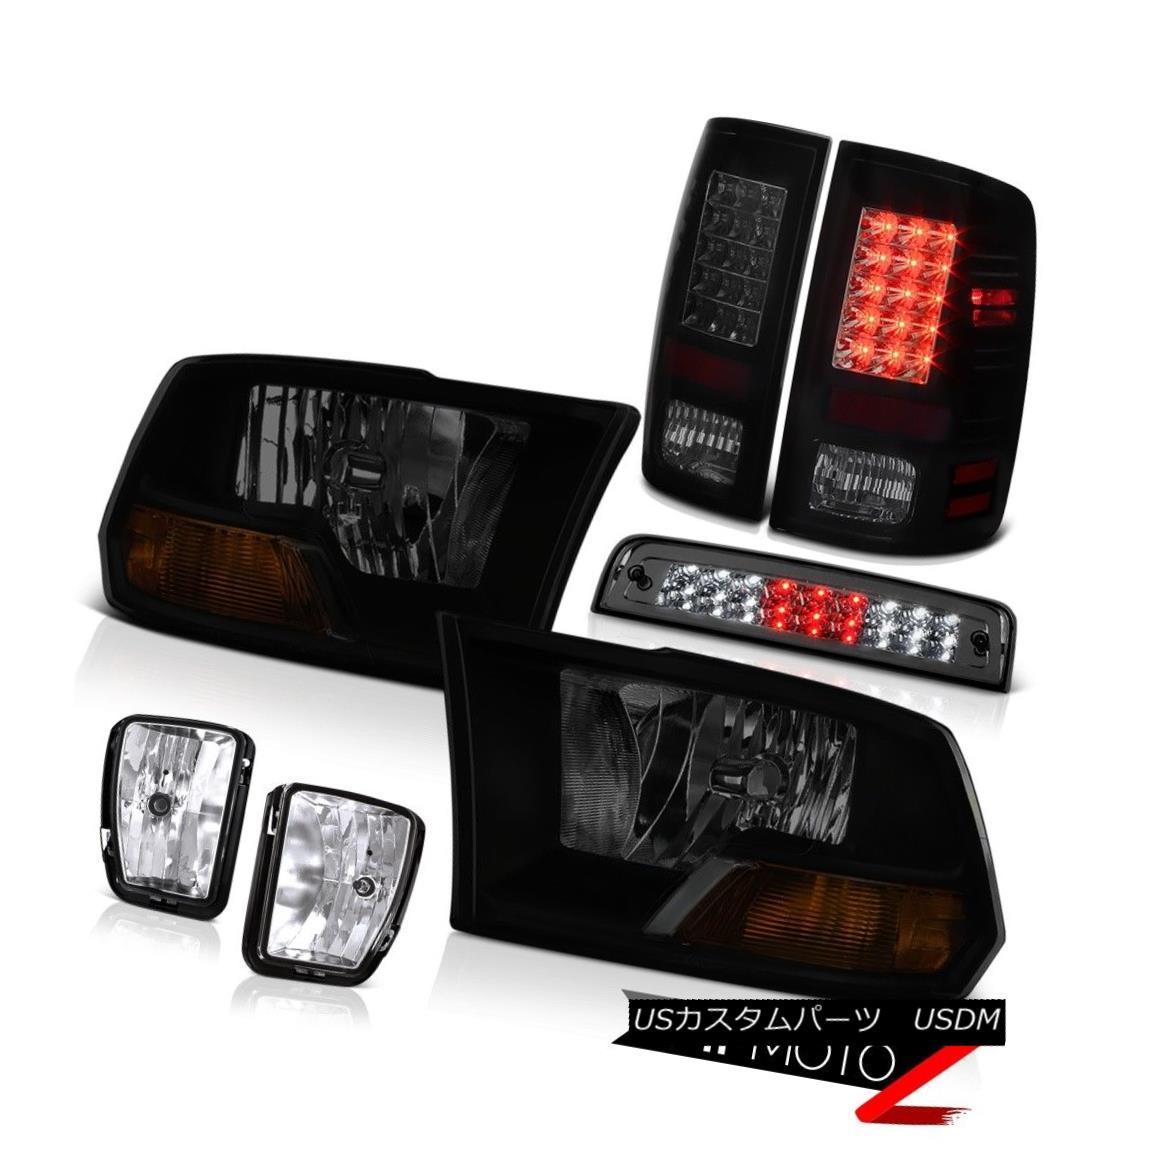 テールライト 2013-2018 Dodge Ram 1500 SLT Smokey High Stop Lamp Foglamps Taillamps Headlamps 2013-2018 Dodge Ram 1500 SLTスモーキーハイストップランプフォグランプタイルランプヘッドランプ